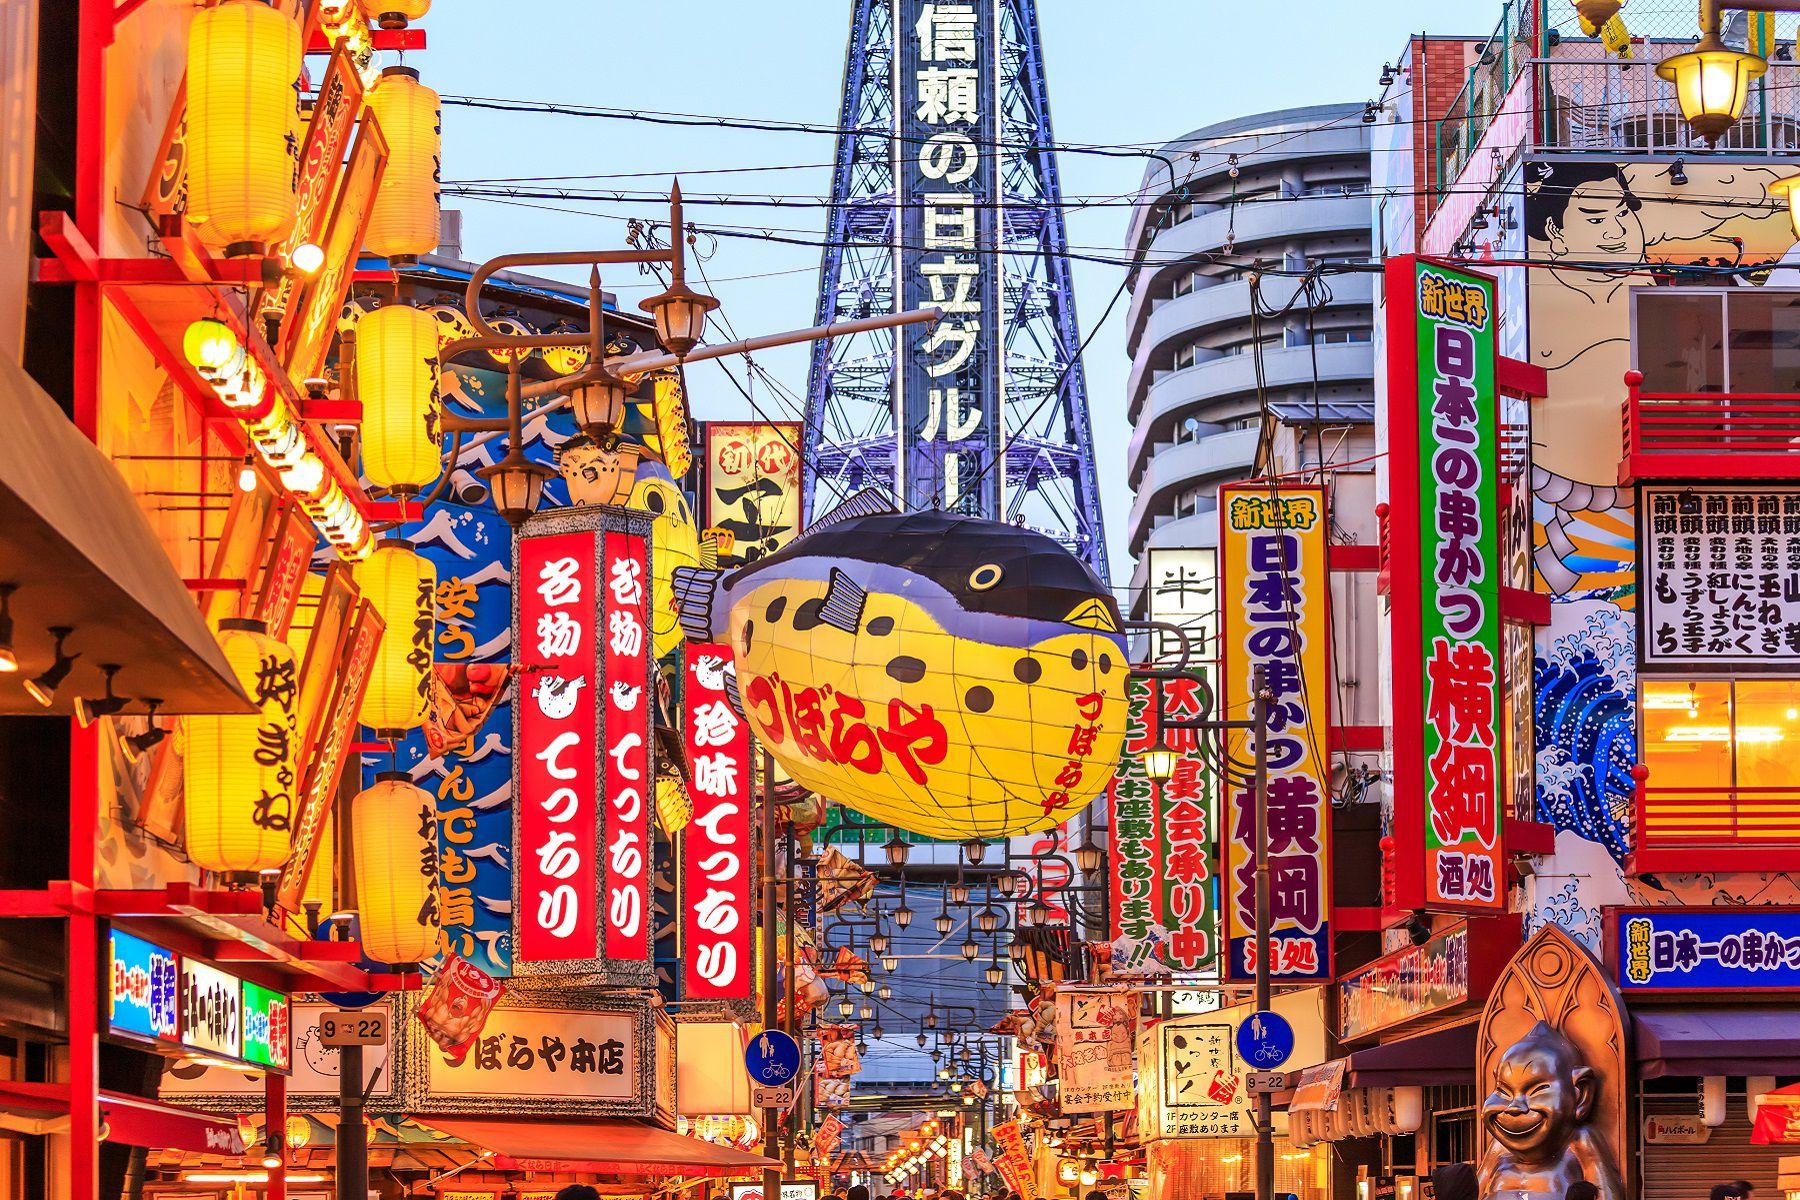 Nhk - Confiture de nefles du japon ...